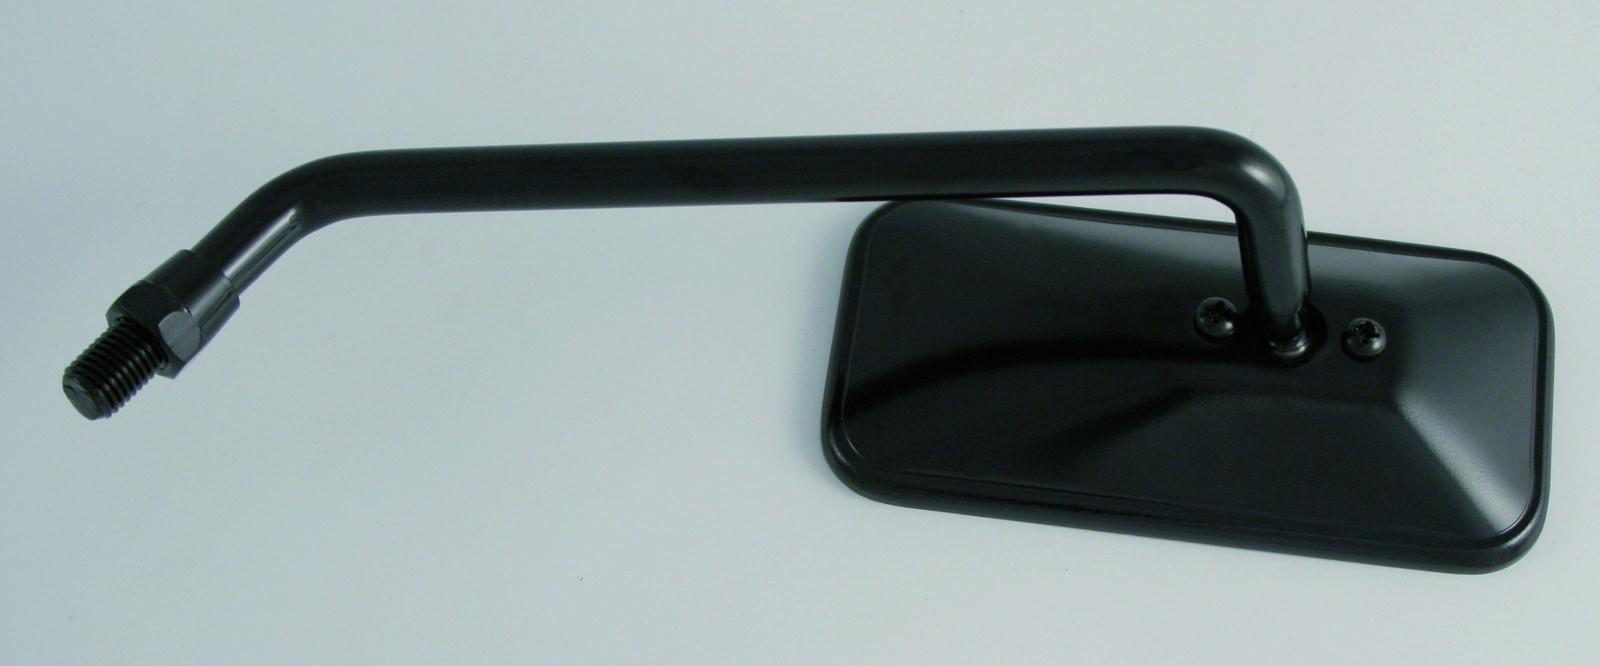 Spiegel schwarz rechteckig links lang zubeh rteile spiegel for Spiegel lang